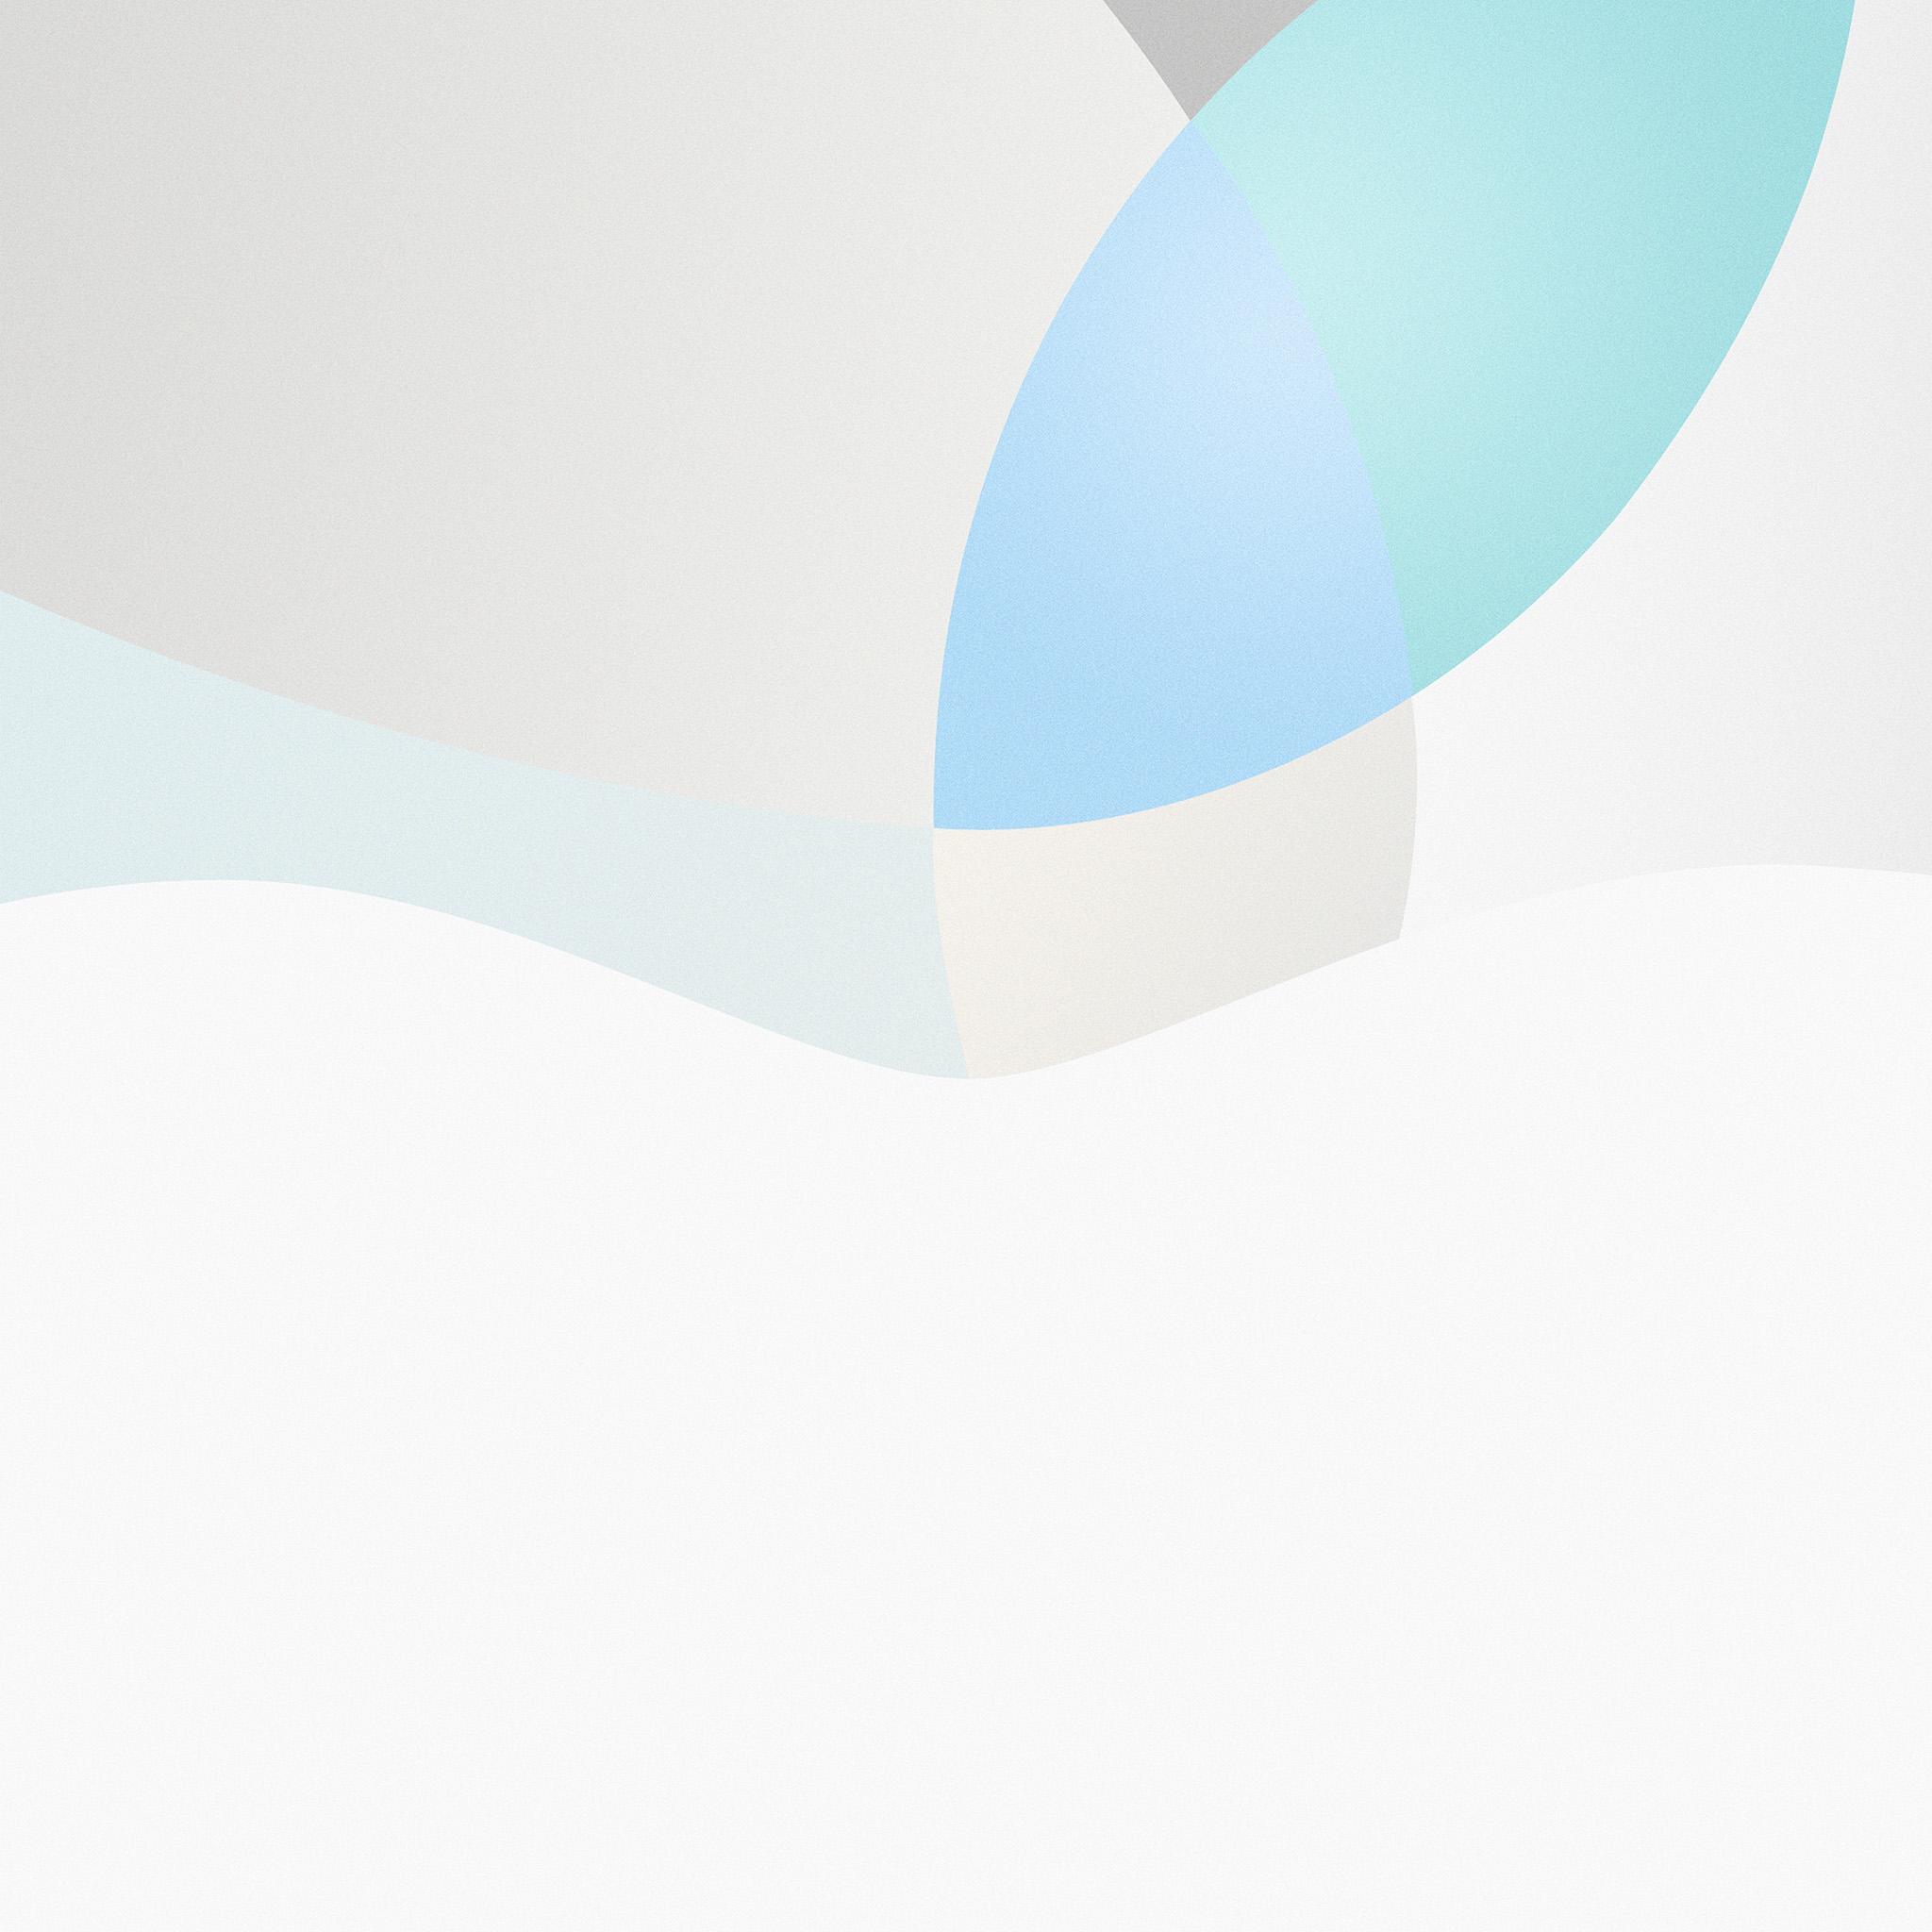 At44 apple mac blue logo minimal art illustration for Minimal art essay